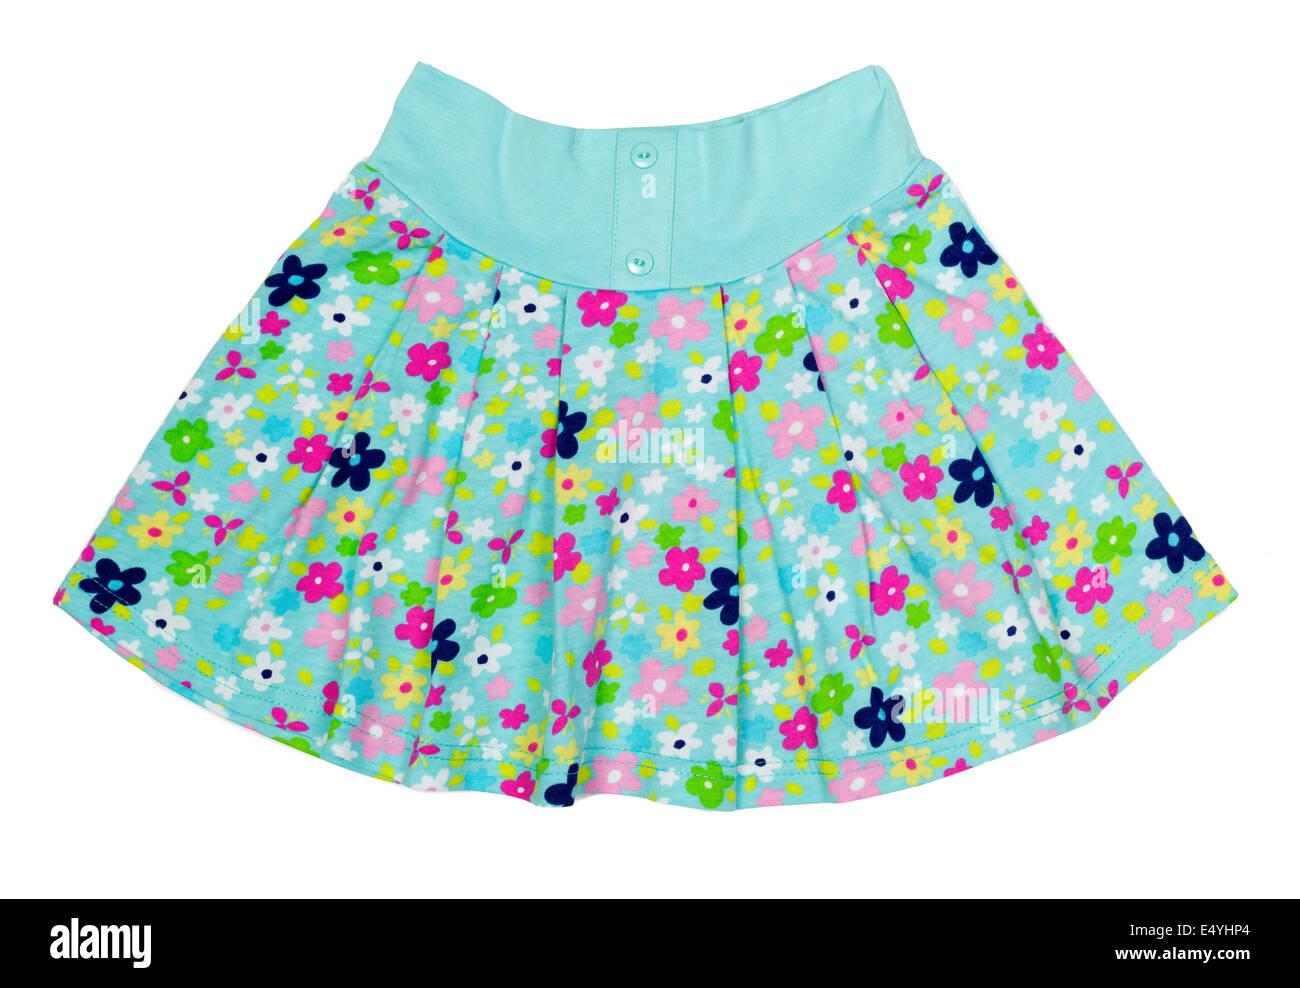 Children's summer skirt - Stock Image